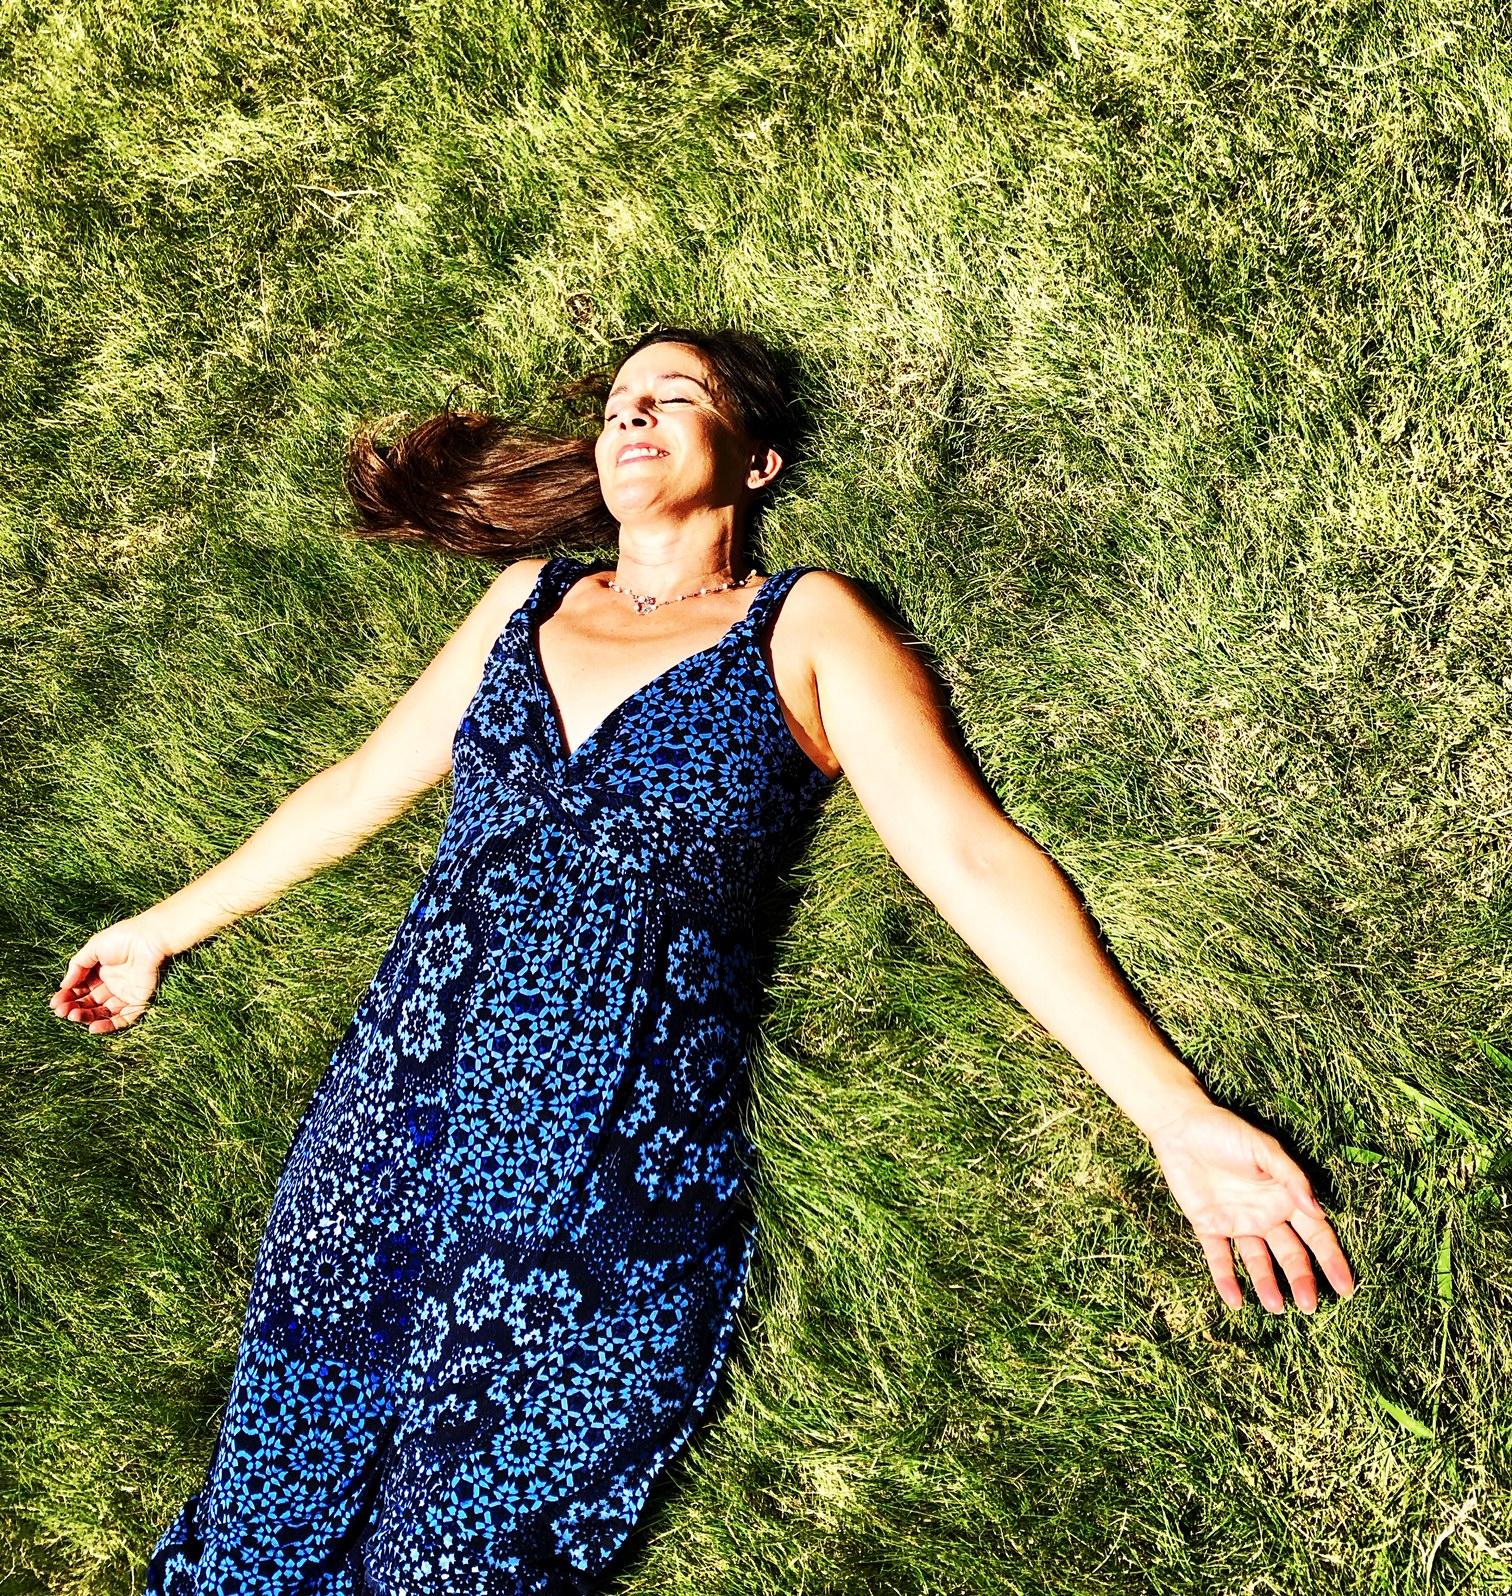 Denise in grass.JPG